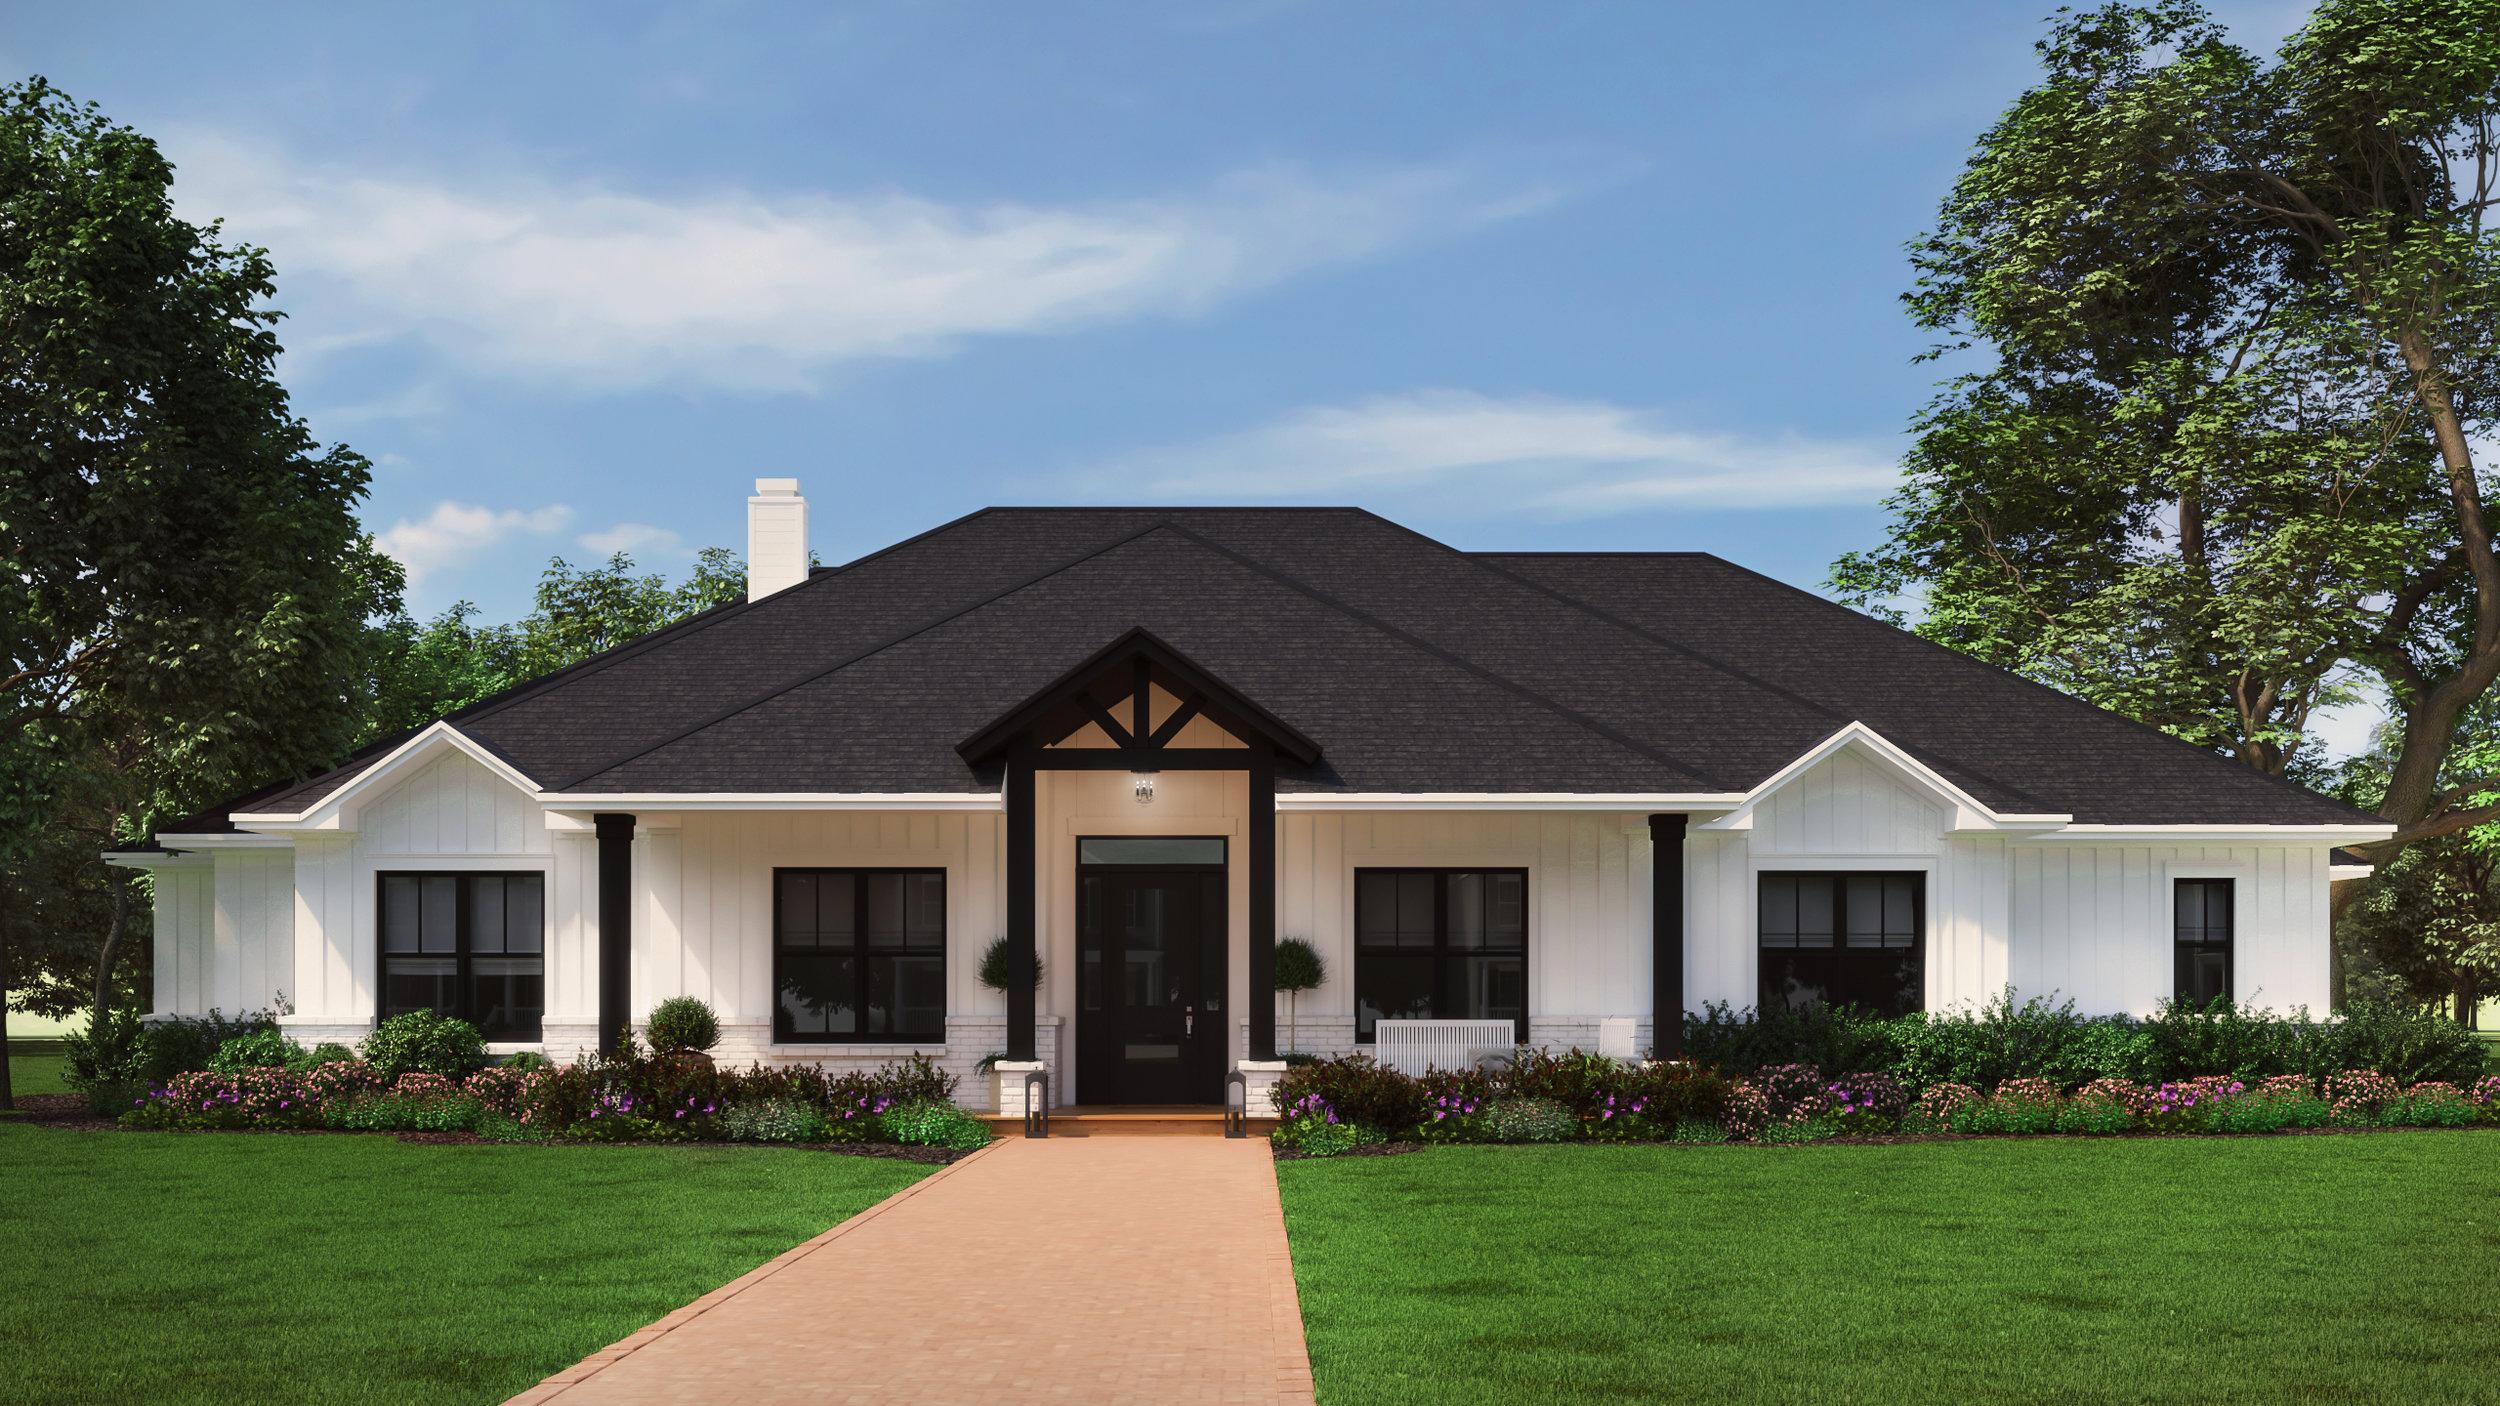 The Nueces   $439,450  4 Bedrooms, 3.5 Bathrooms  3,485 sq.f.t